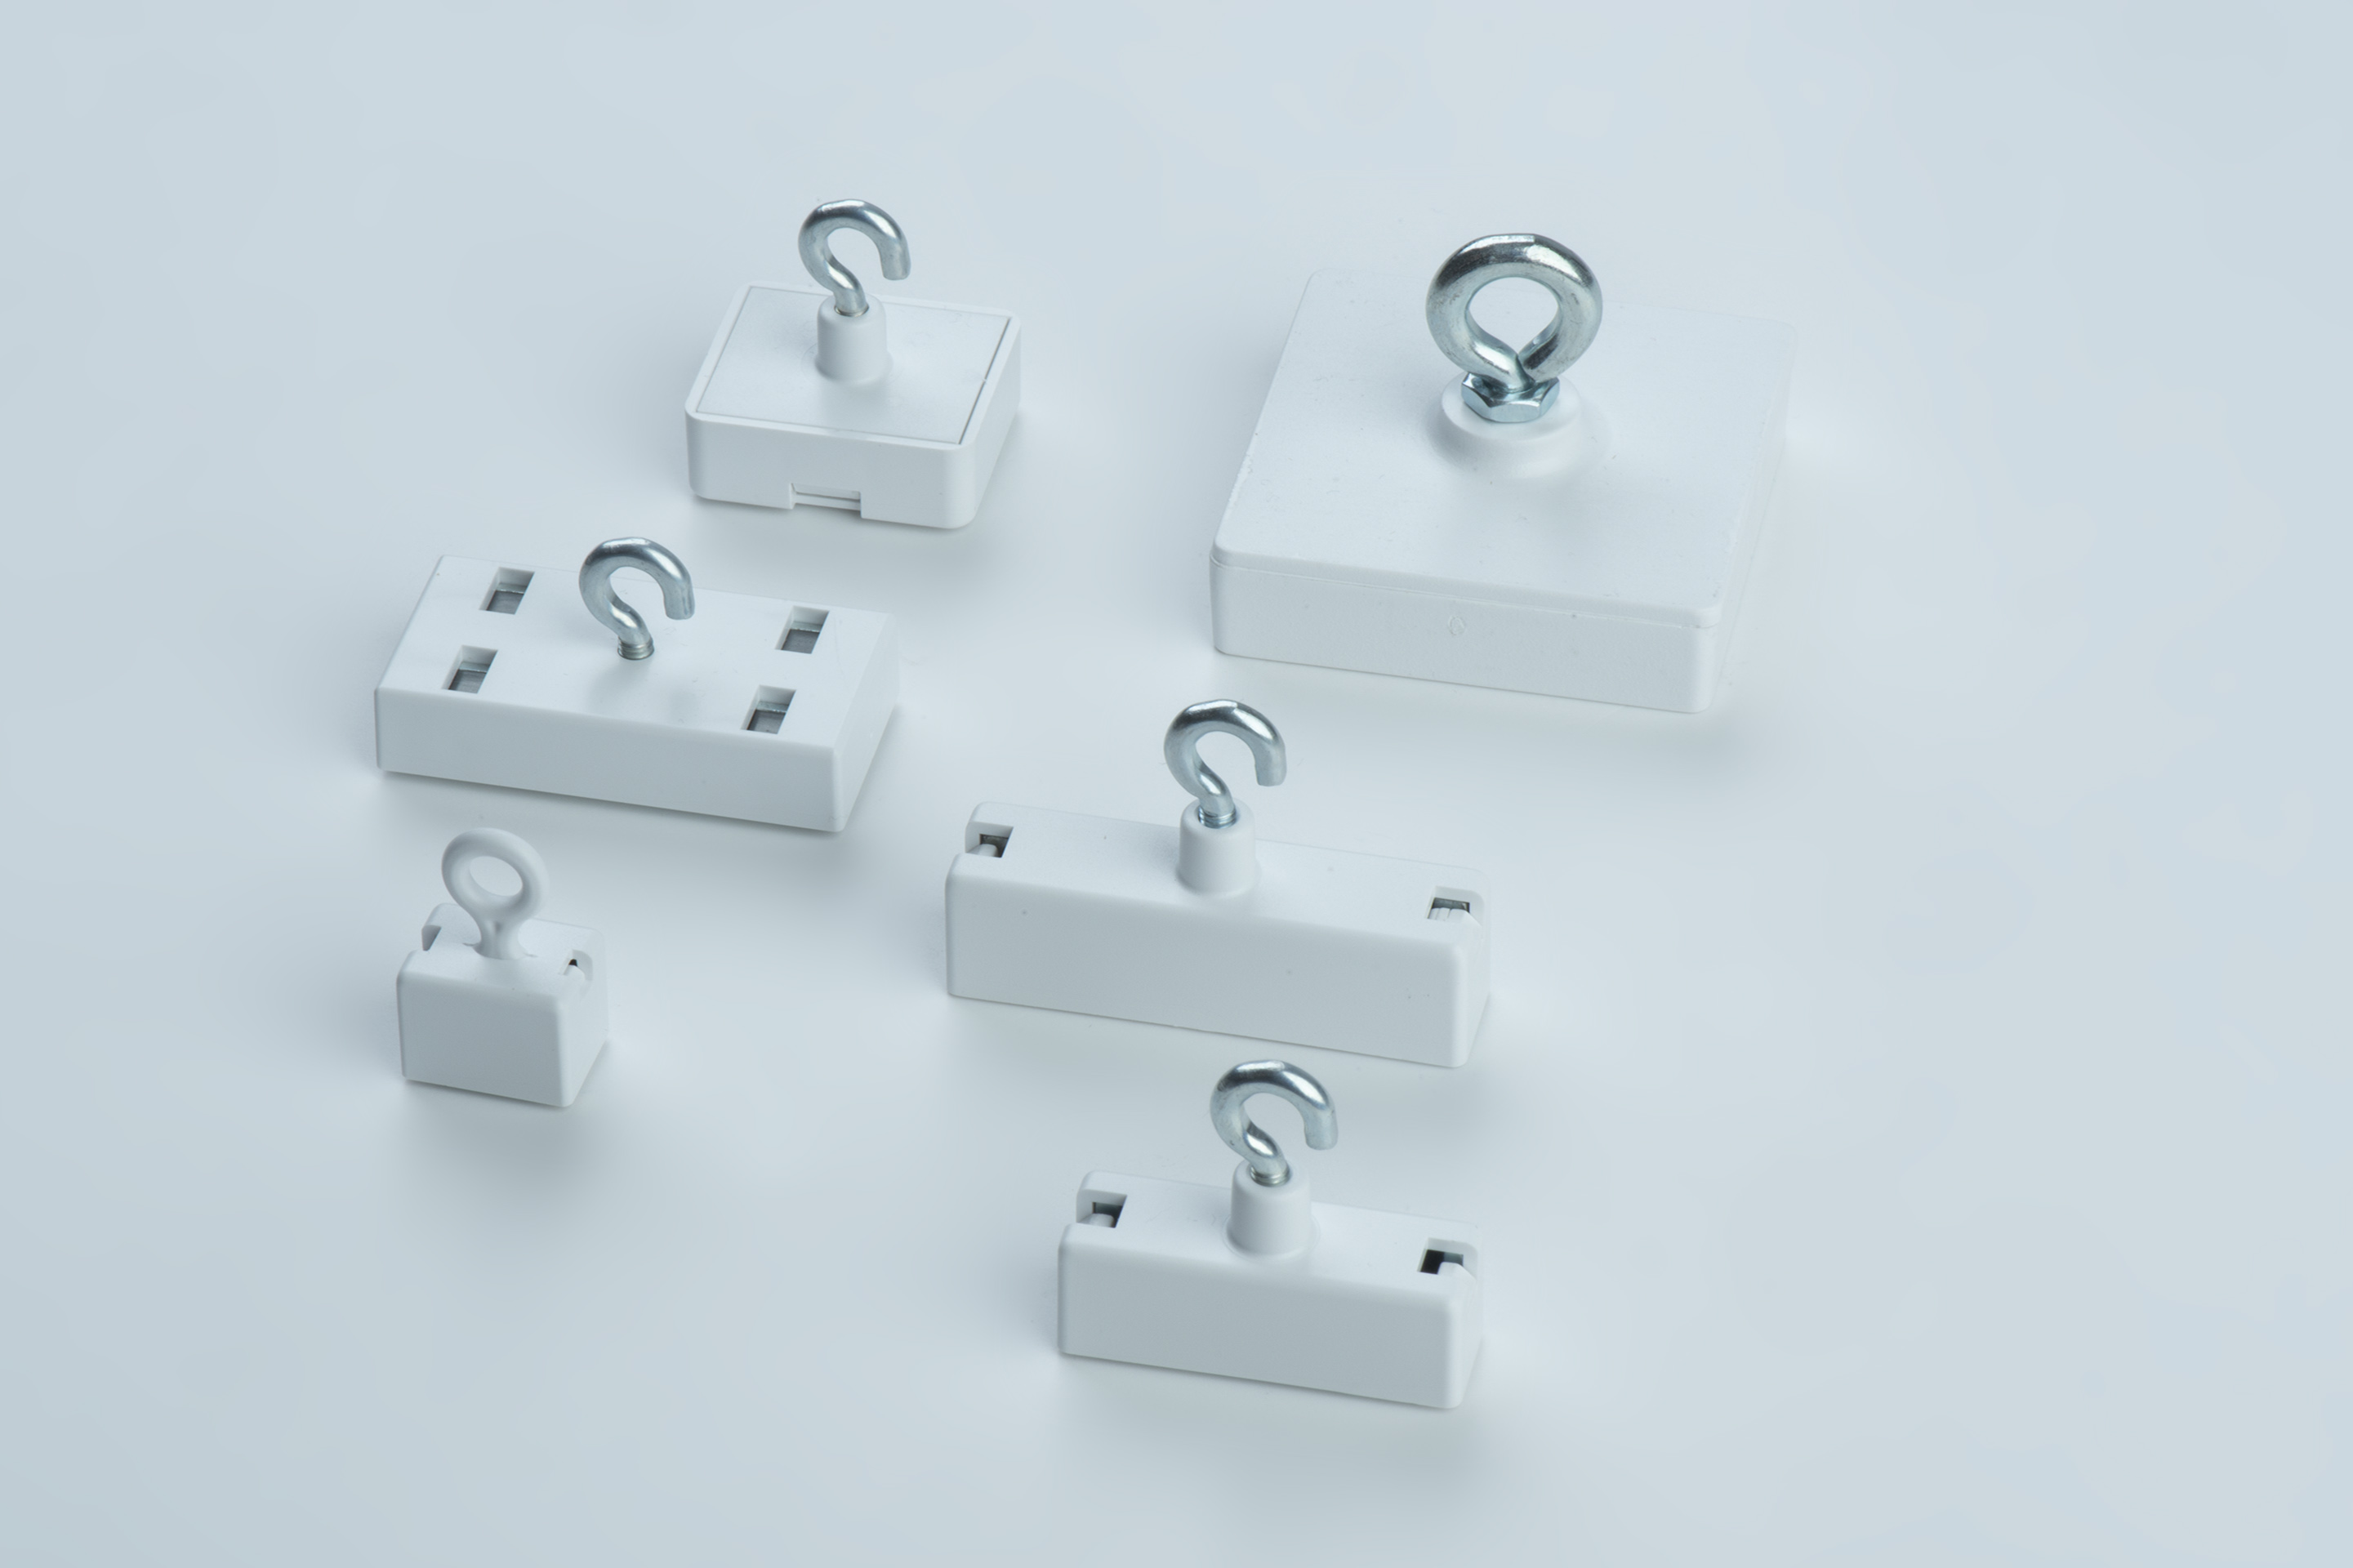 Leistenmagnete aus Hartferrit, weißes Kunststoffgehäuse mit Haken oder Öse, thyssenkrupp Magnettechnik